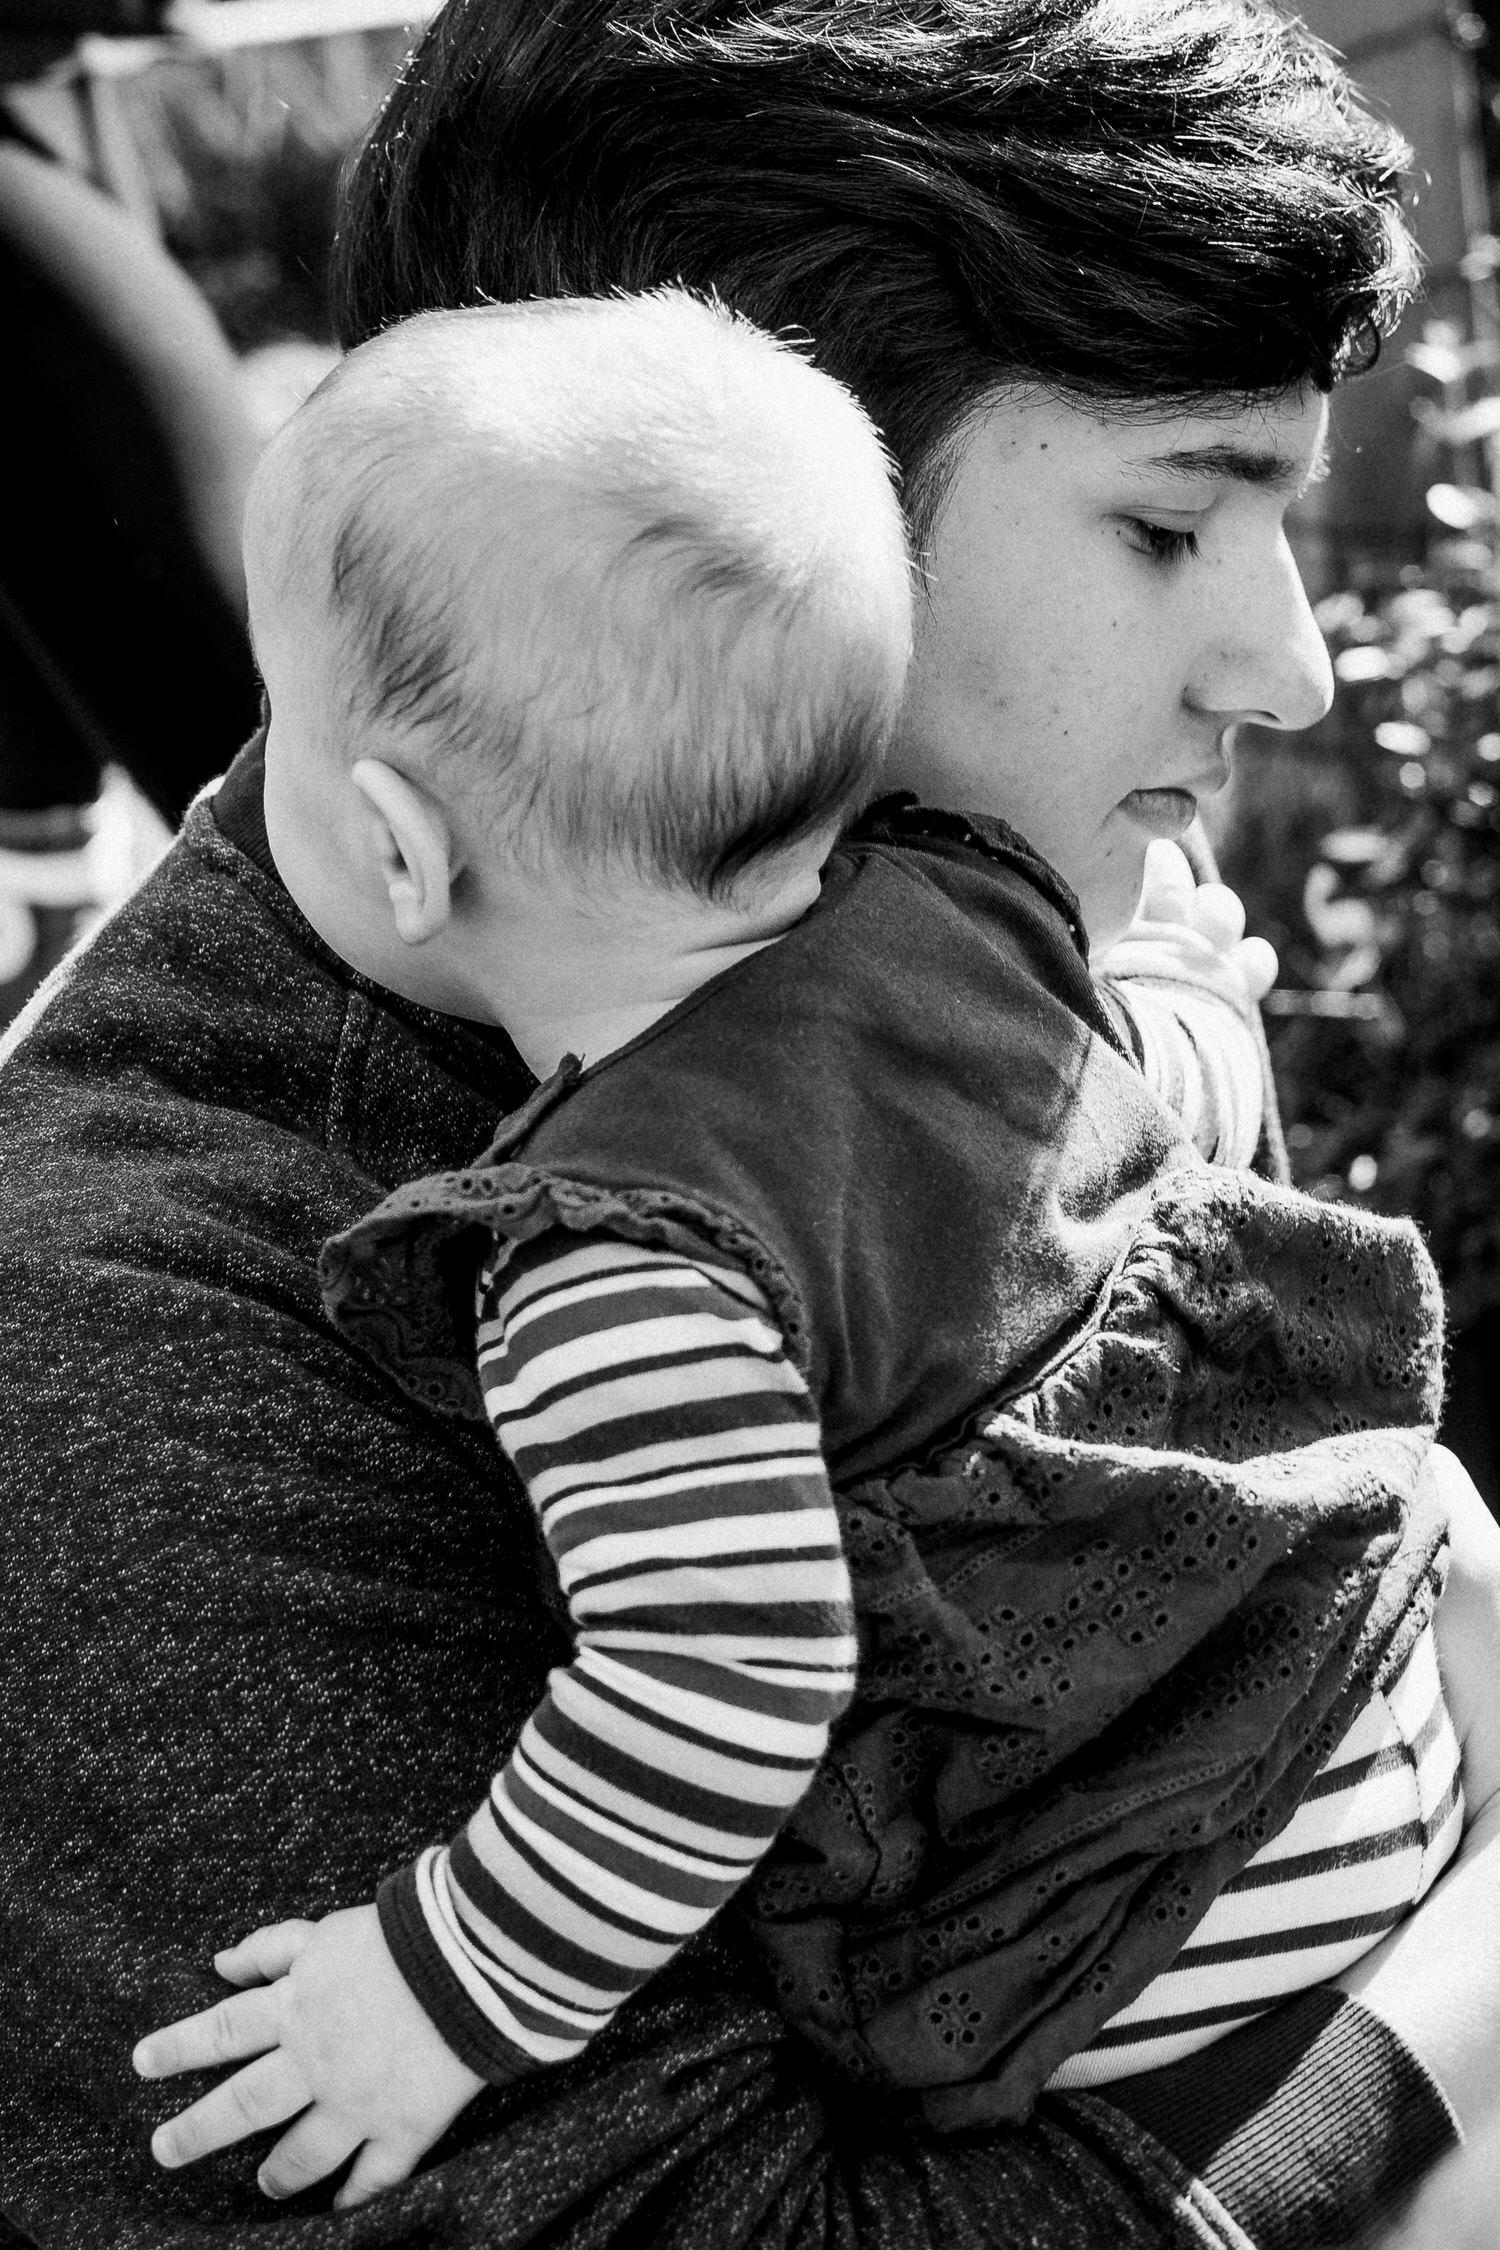 Baby auf dem Arm des großen Bruders